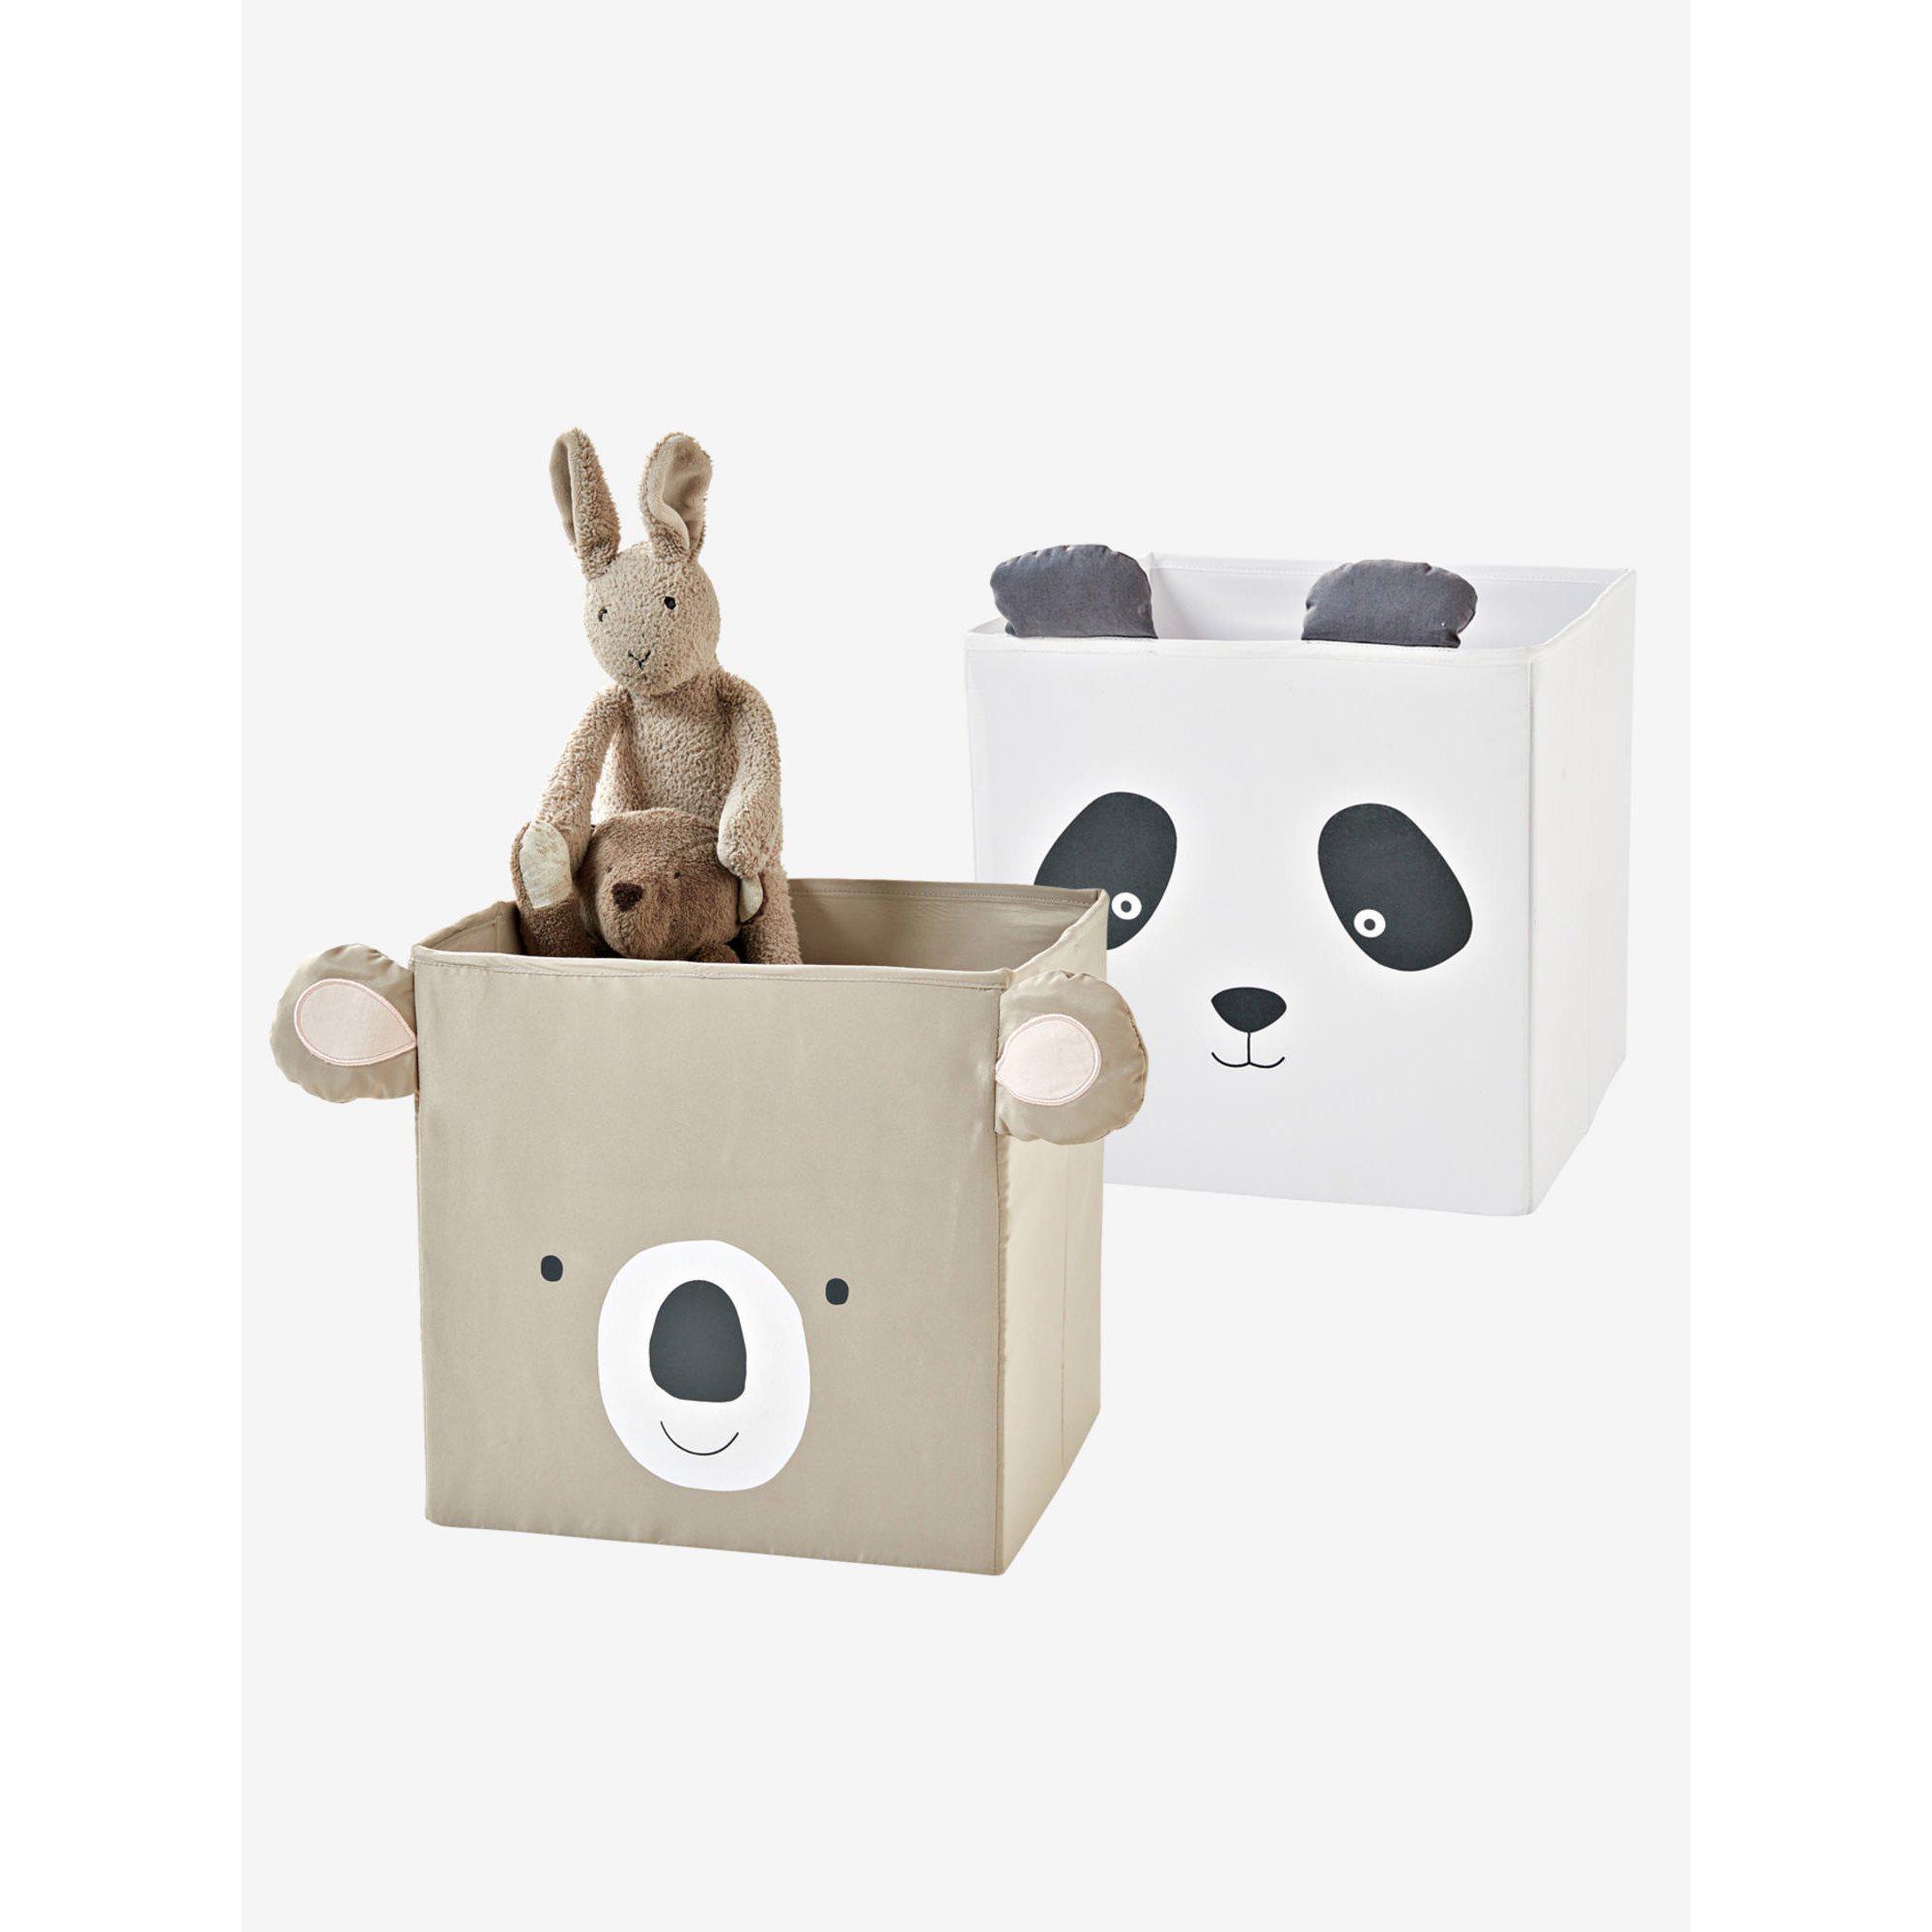 Full Size of Aufbewahrungsbox Mit Deckel Kinderzimmer Aldi 02 2020 Aufbewahrungsbotop Modelle Im Vergleich Sofa Recamiere Big Hocker Schlaffunktion Bett Schubladen Kinderzimmer Aufbewahrungsbox Mit Deckel Kinderzimmer